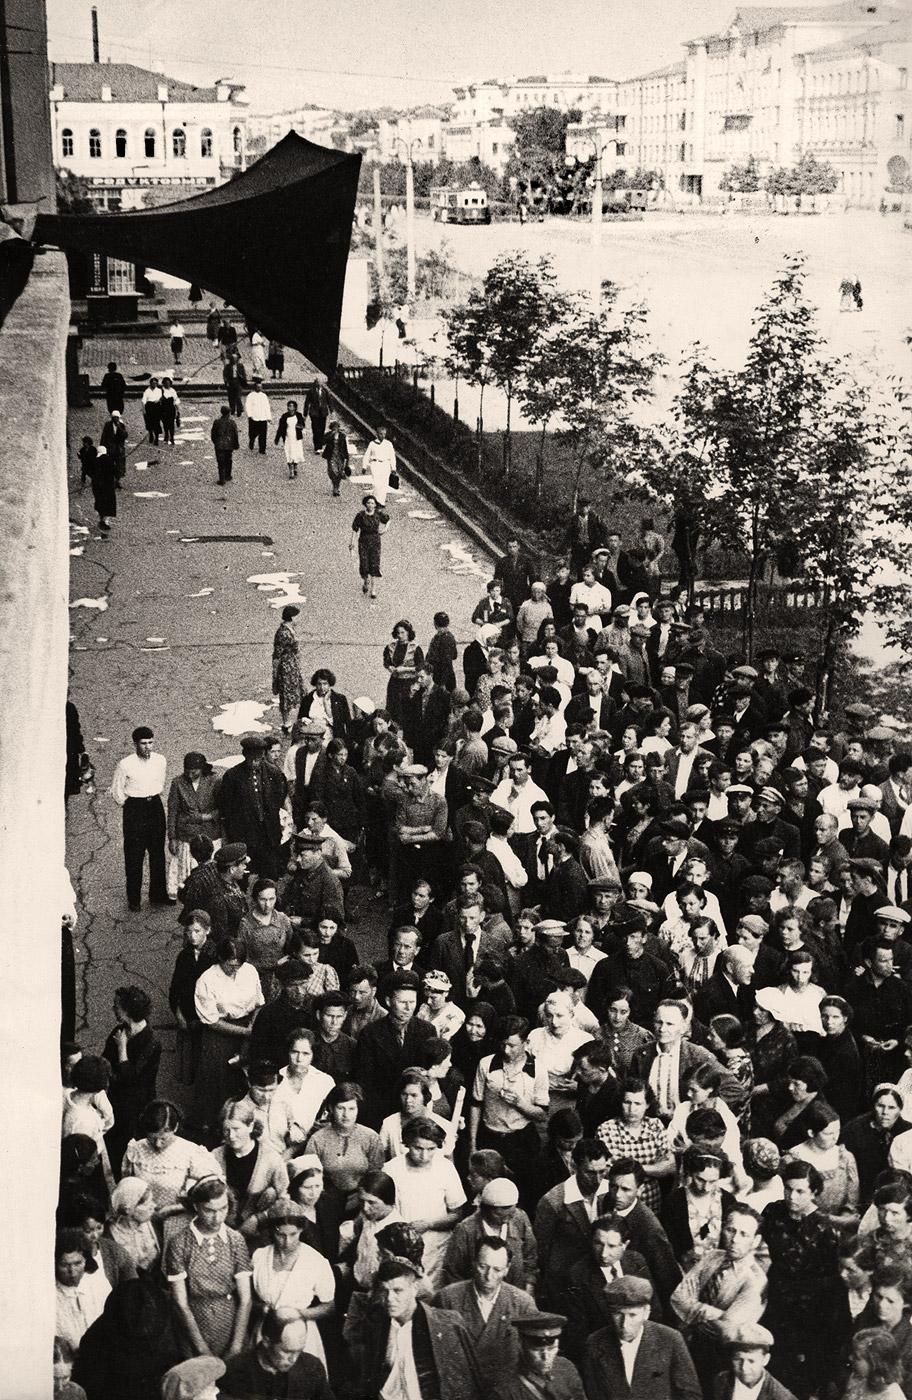 Жители города Свердловск  слушают речь Молотова о начале ВОВ (пл. 1905 года, 22 июня 1941).